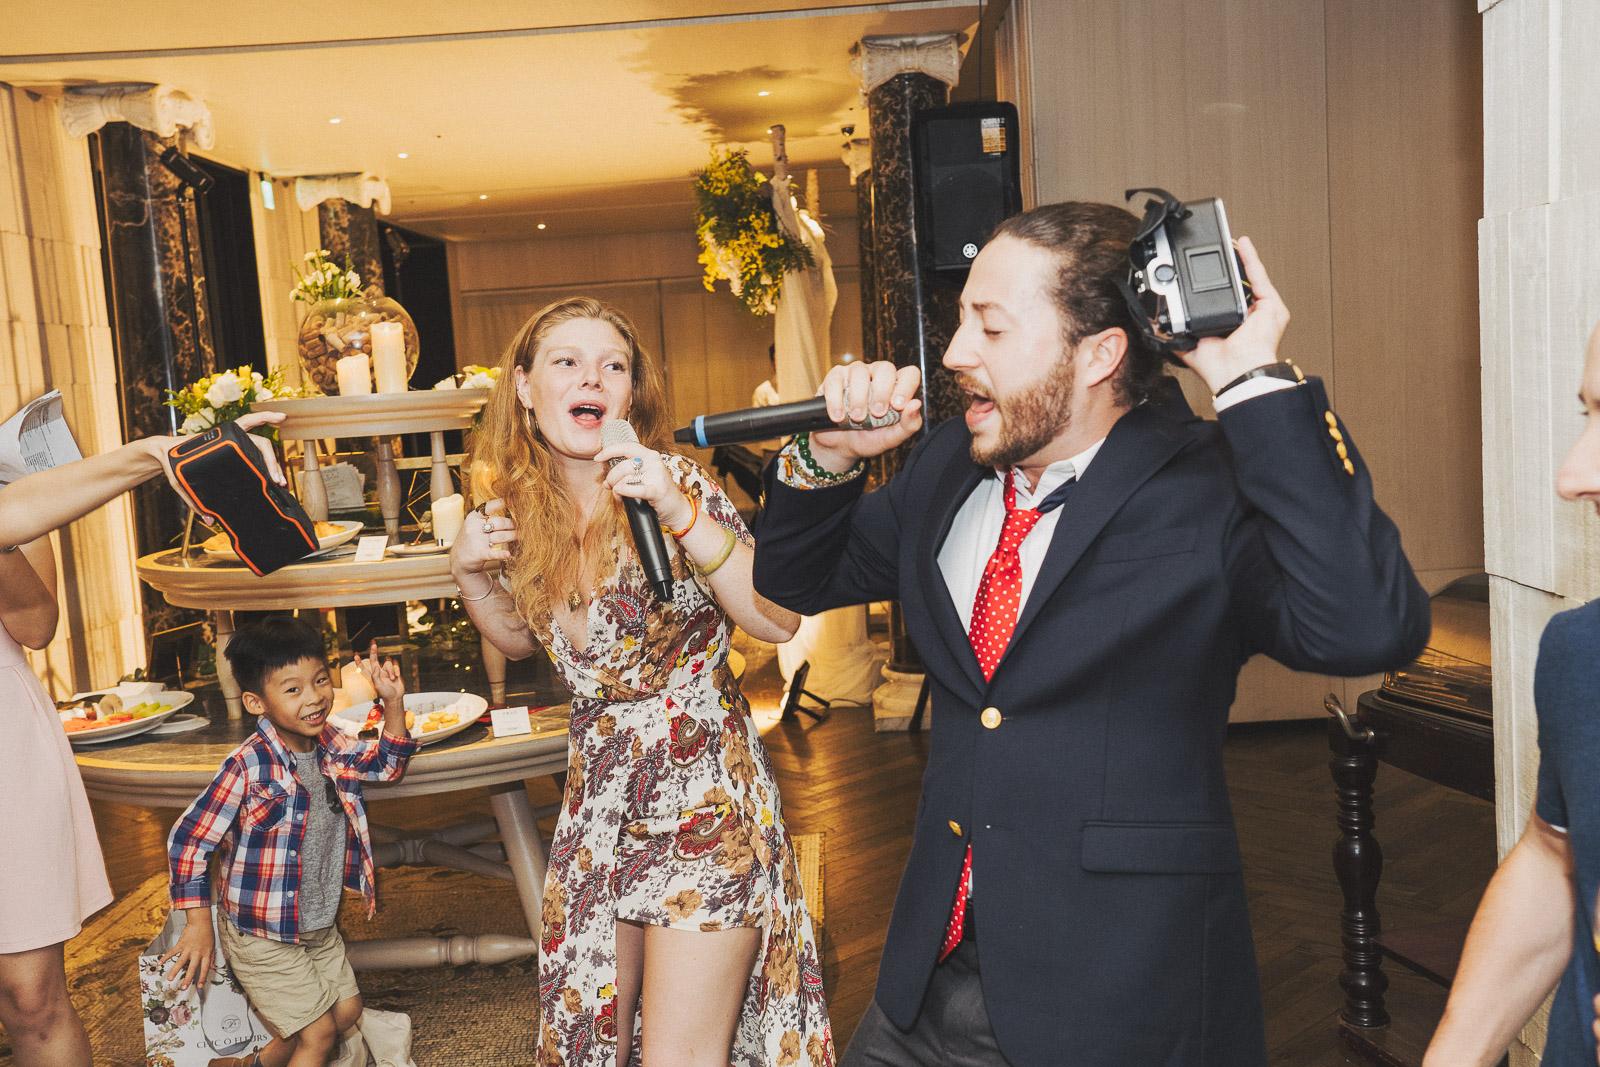 婚禮攝影師,purefoto